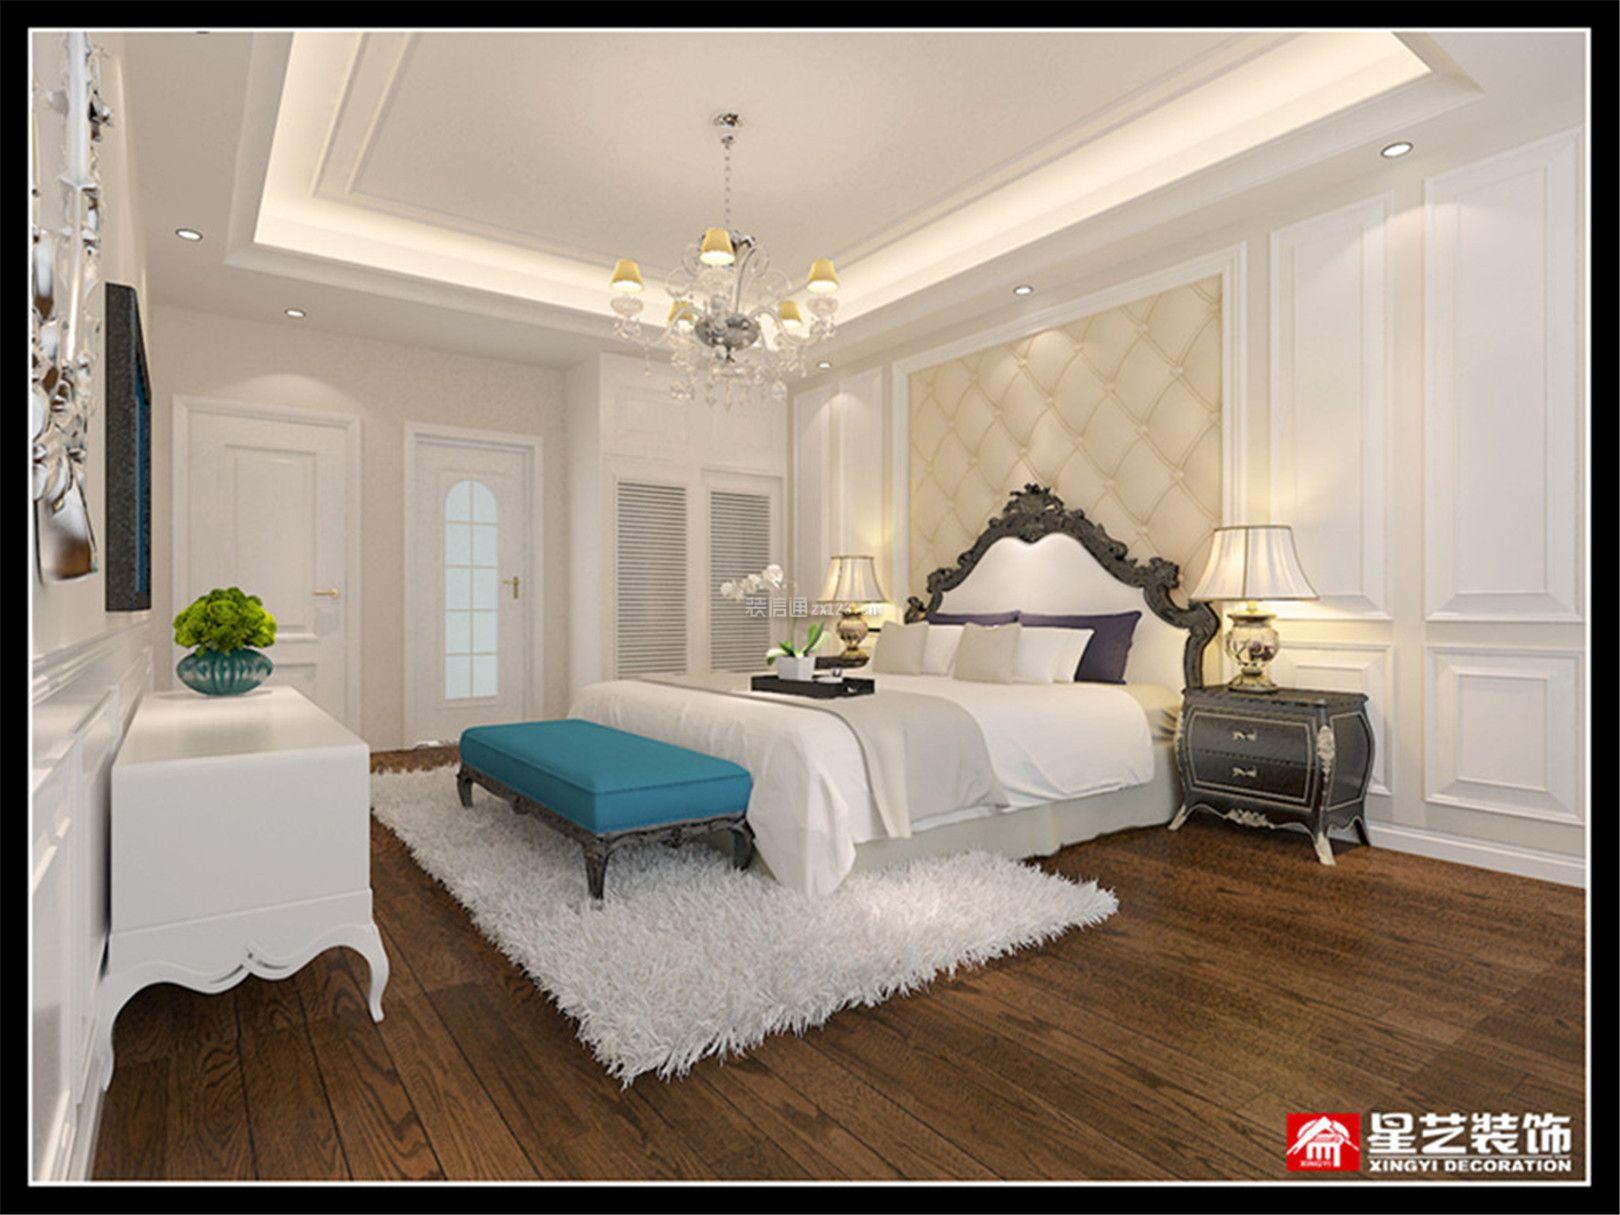 2018家庭大卧室床头软包墙装修设计效果图